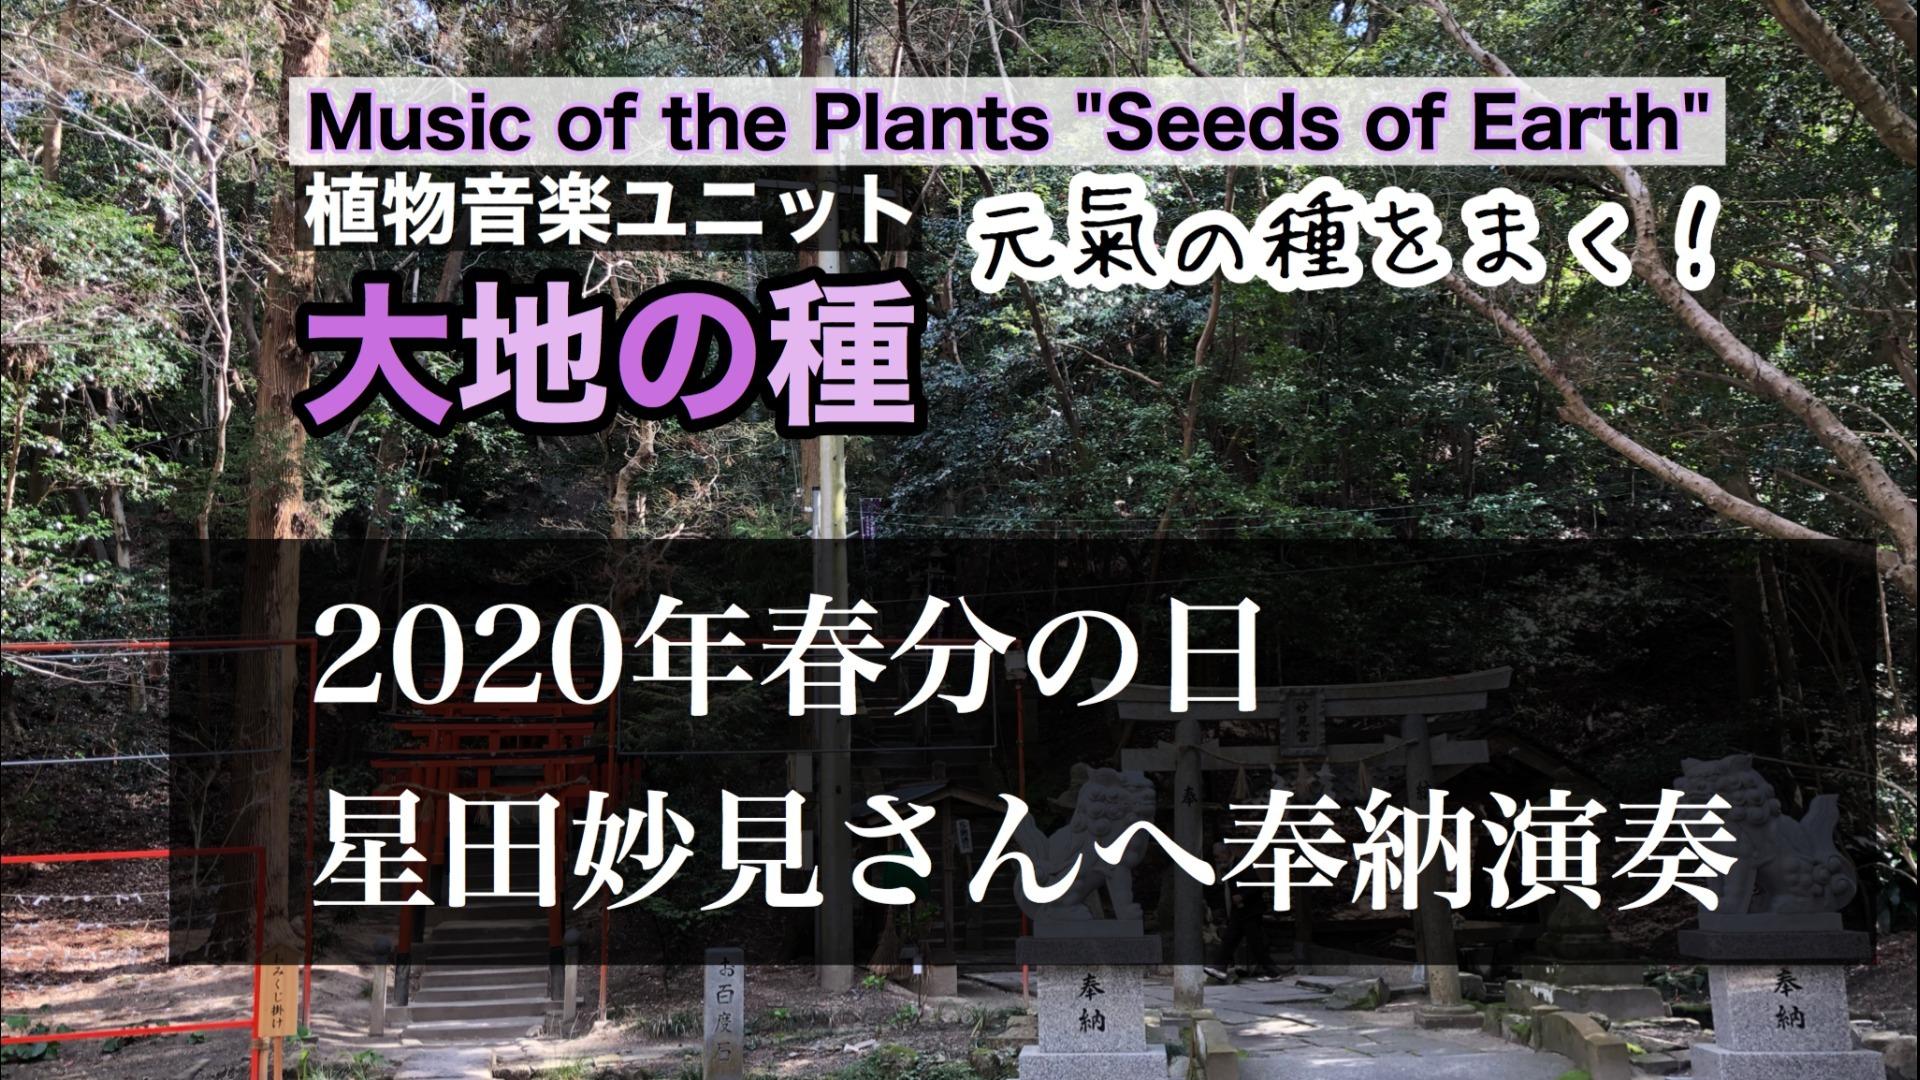 2020年春分の日、星田妙見さんへ奉納演奏 ファンクラブ限定公開